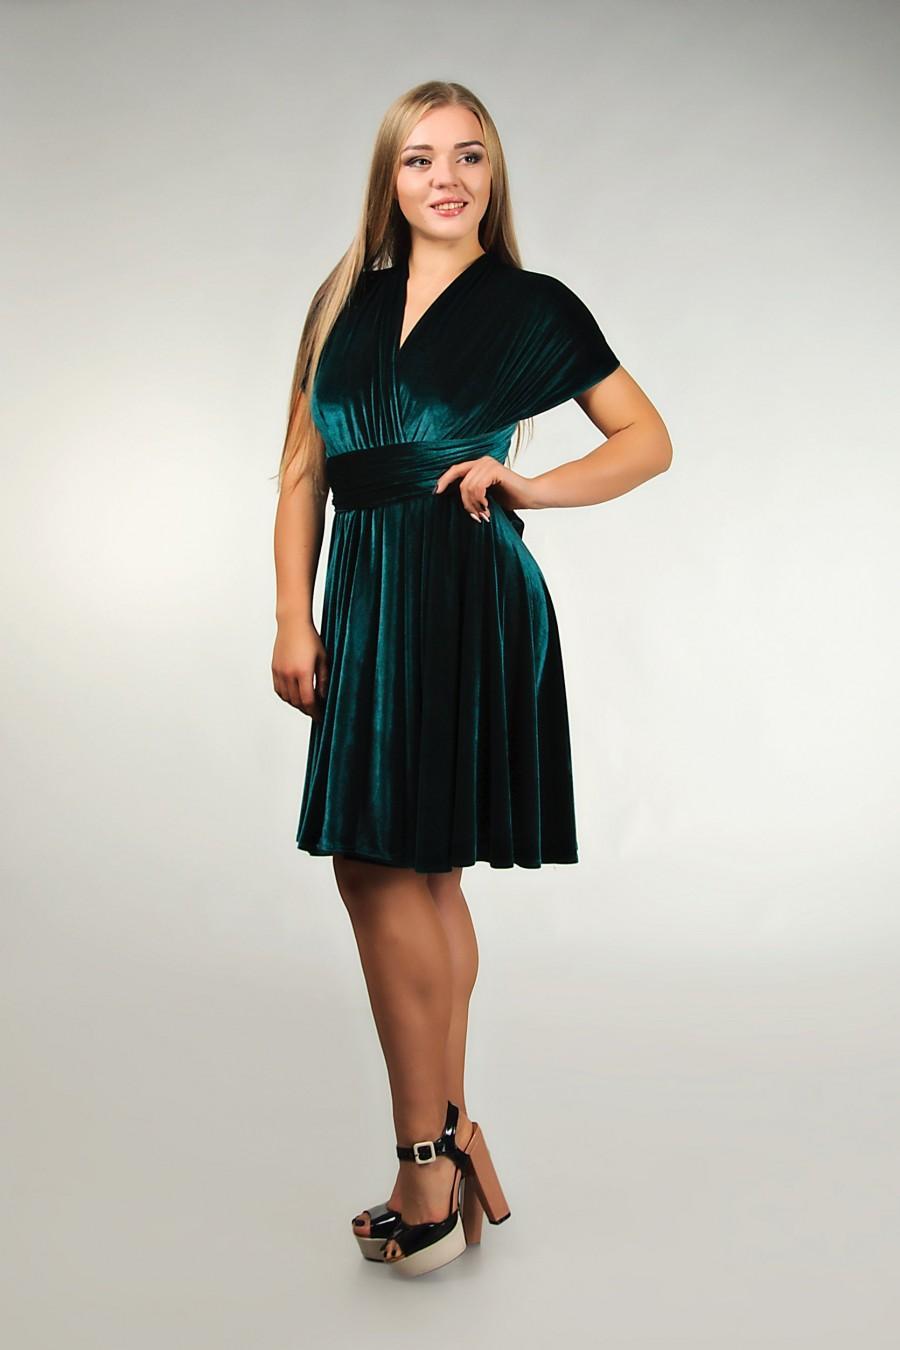 Wedding - Emerald green  bridesmaid dress velvet, Infinity dress, Prom dress, Convertible dress, Wrap dress